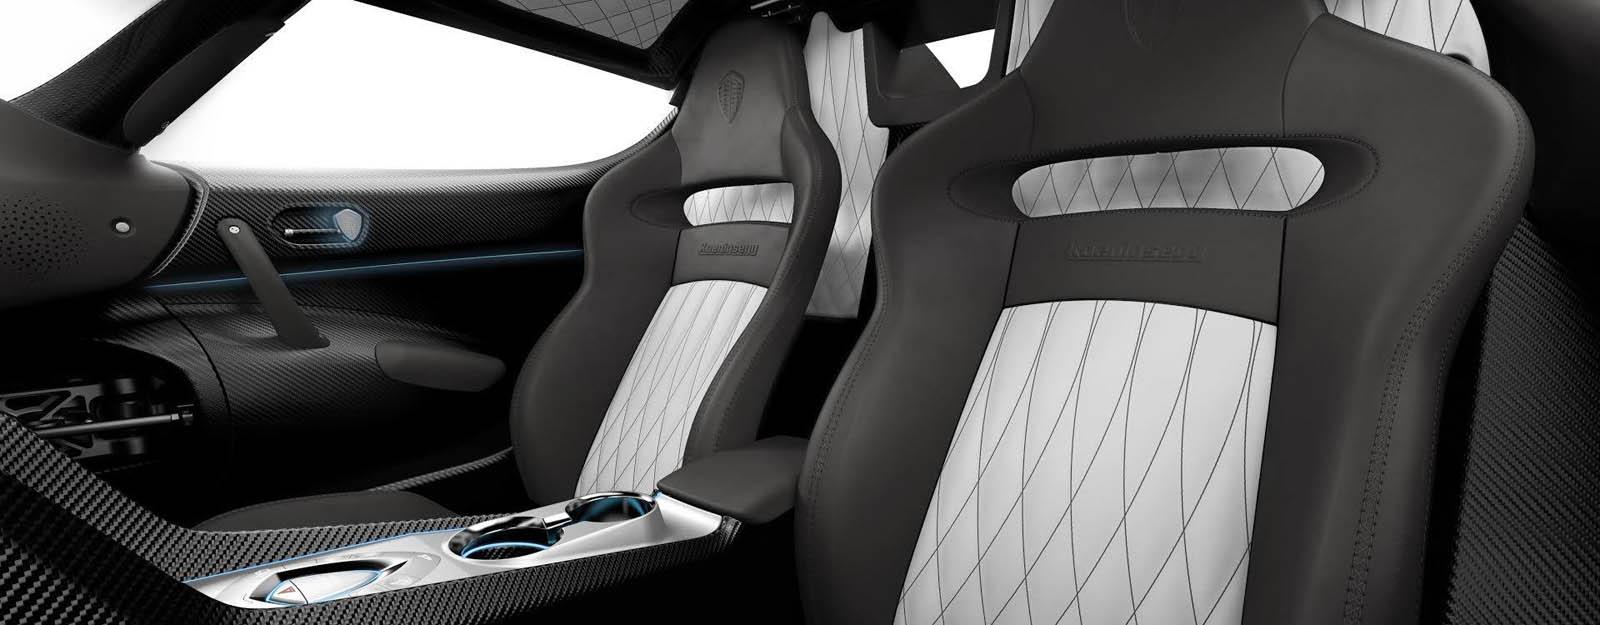 Koenigsegg_Regera_spec_01